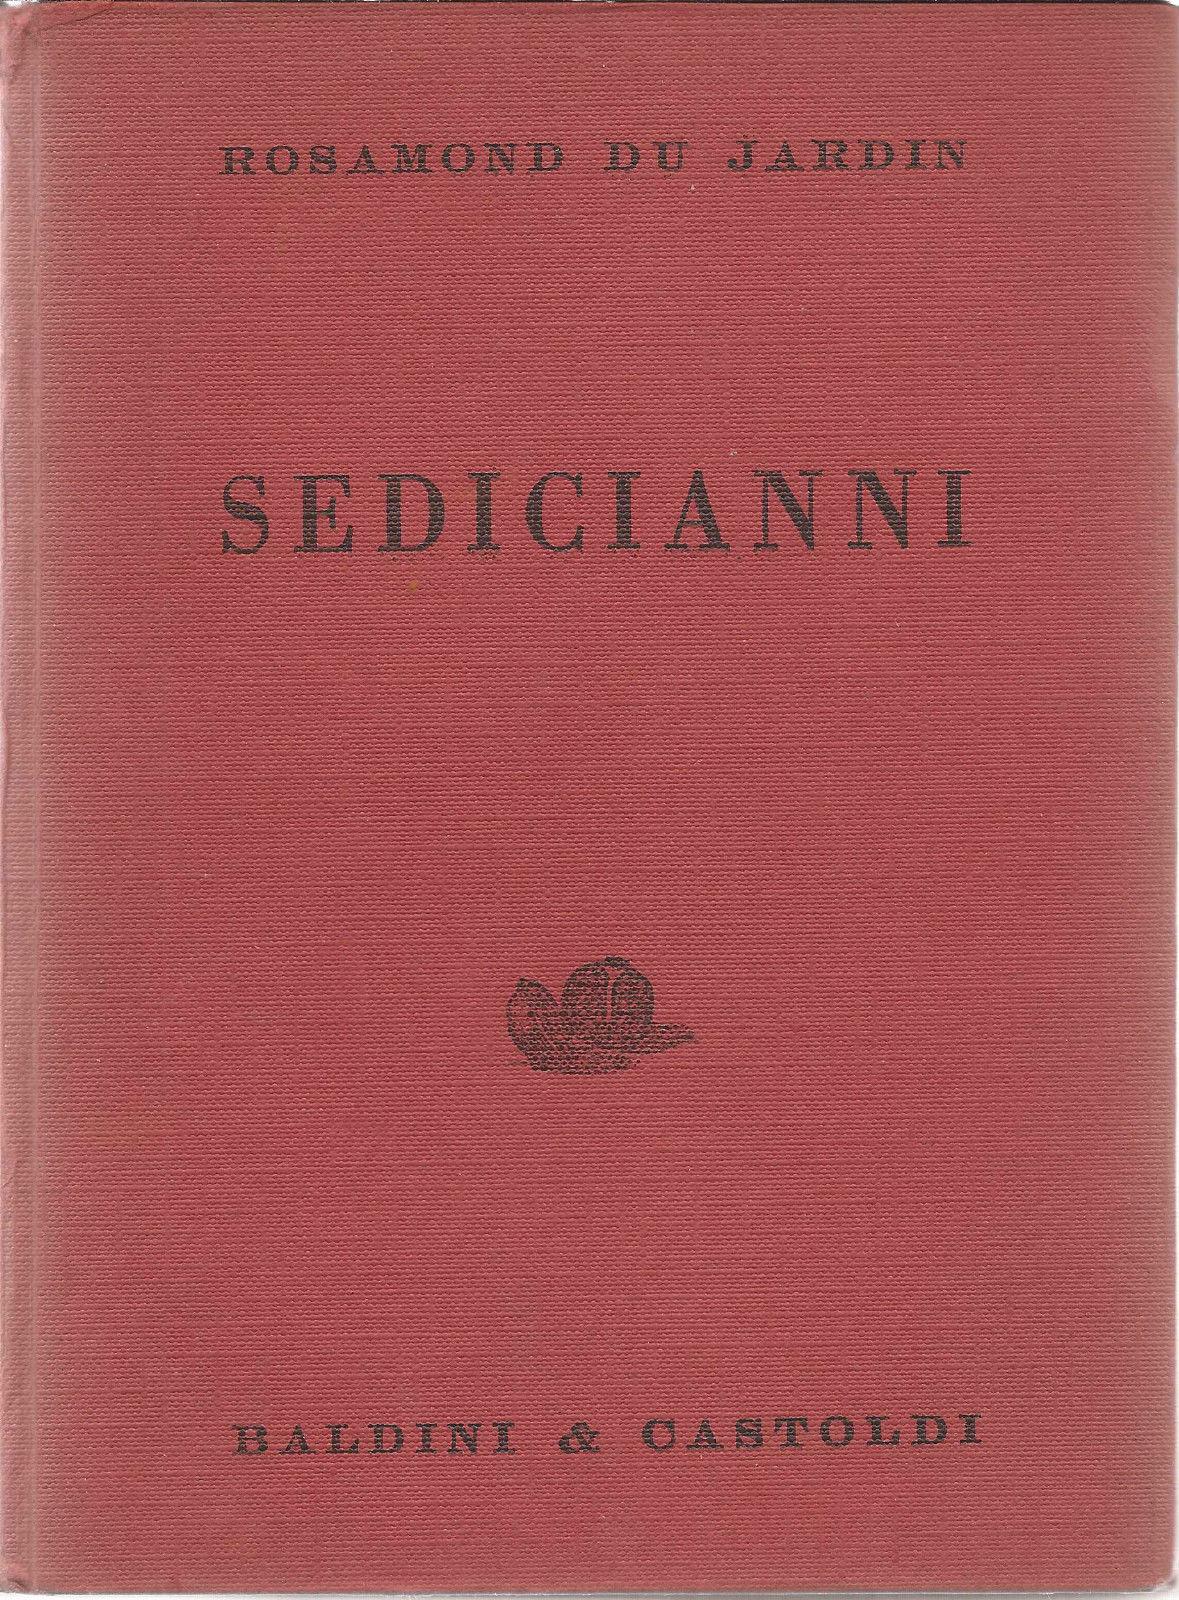 Sedicianni